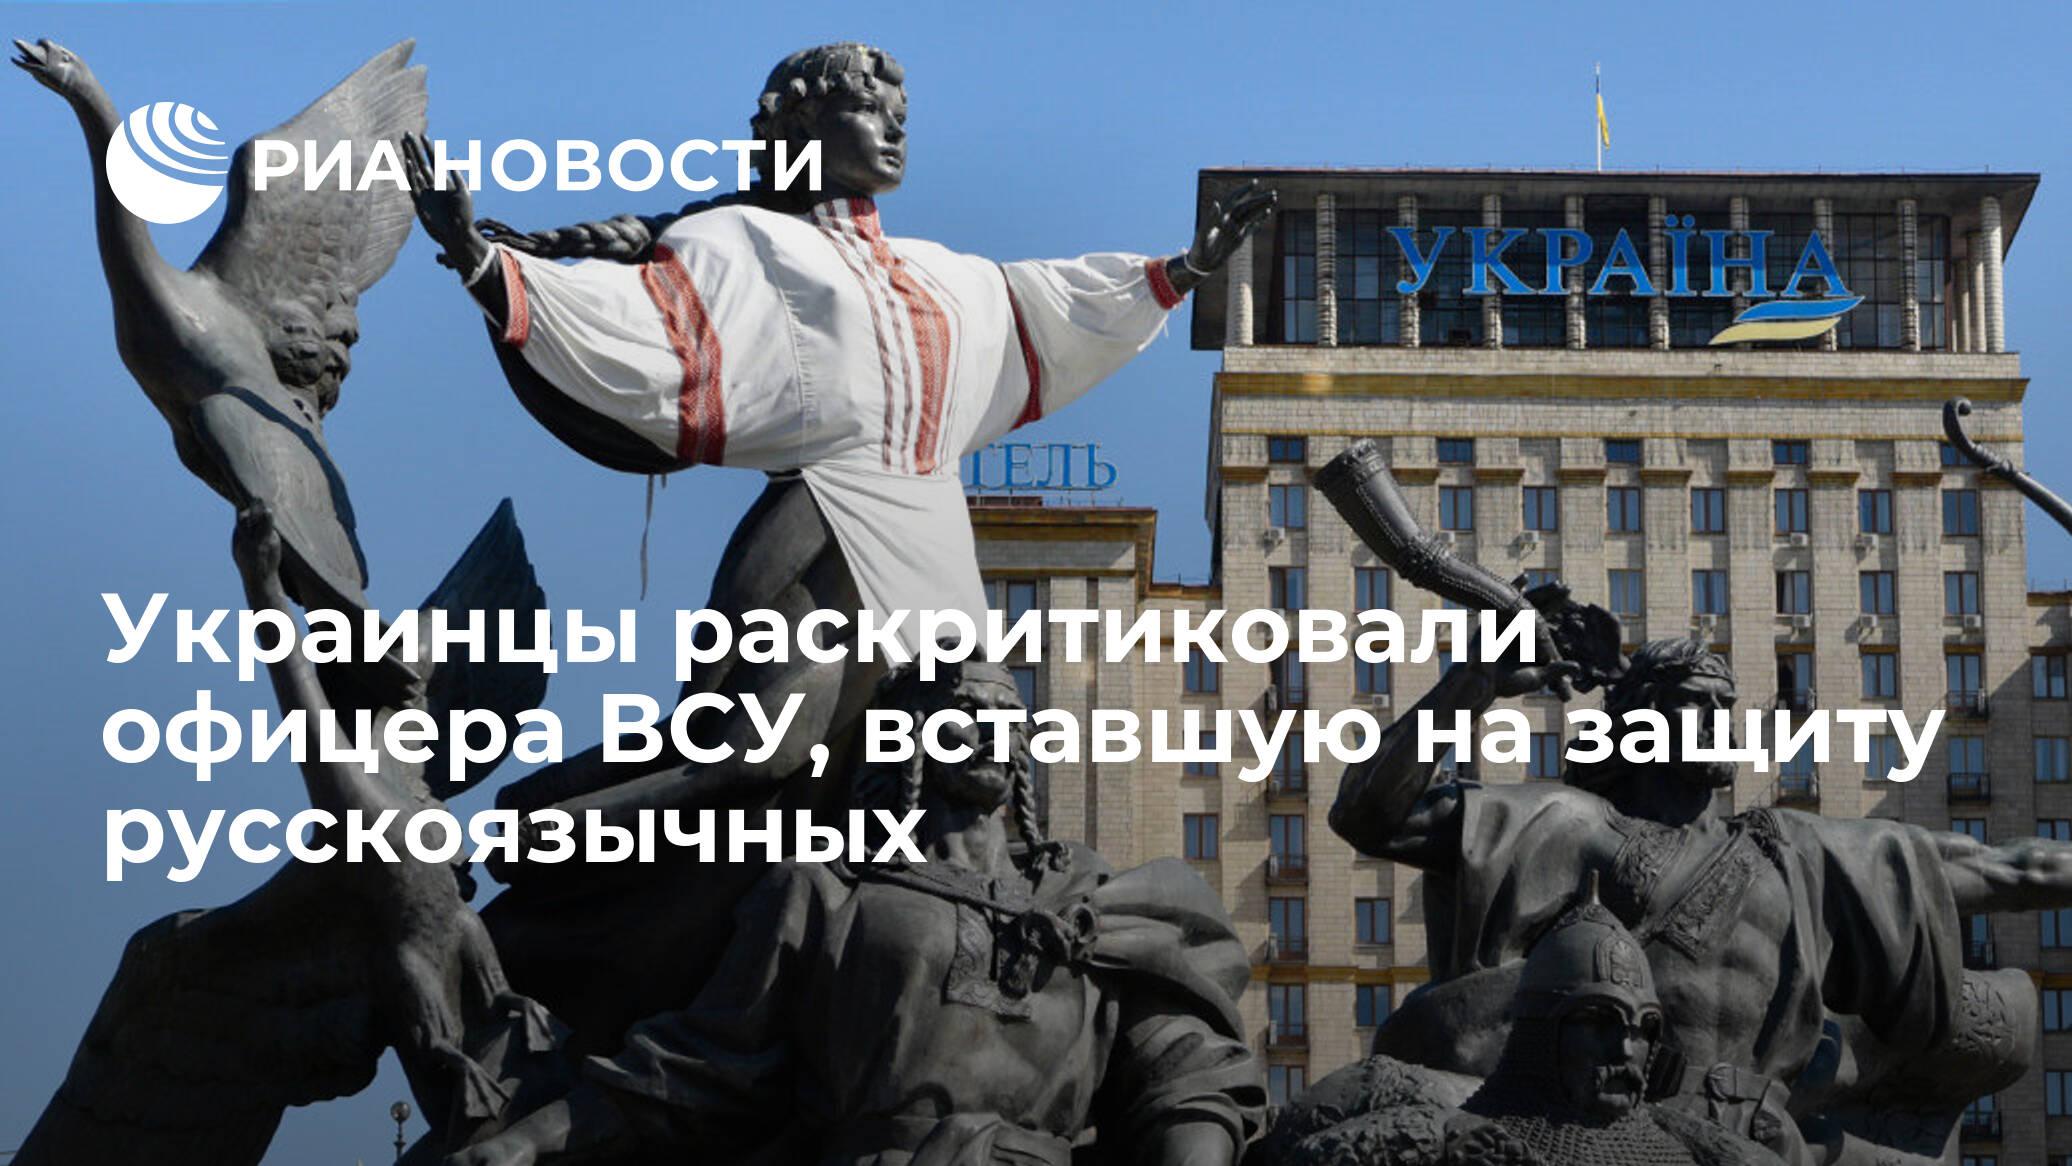 Украинцы раскритиковали офицера ВСУ, вставшую на защиту русскоязычных